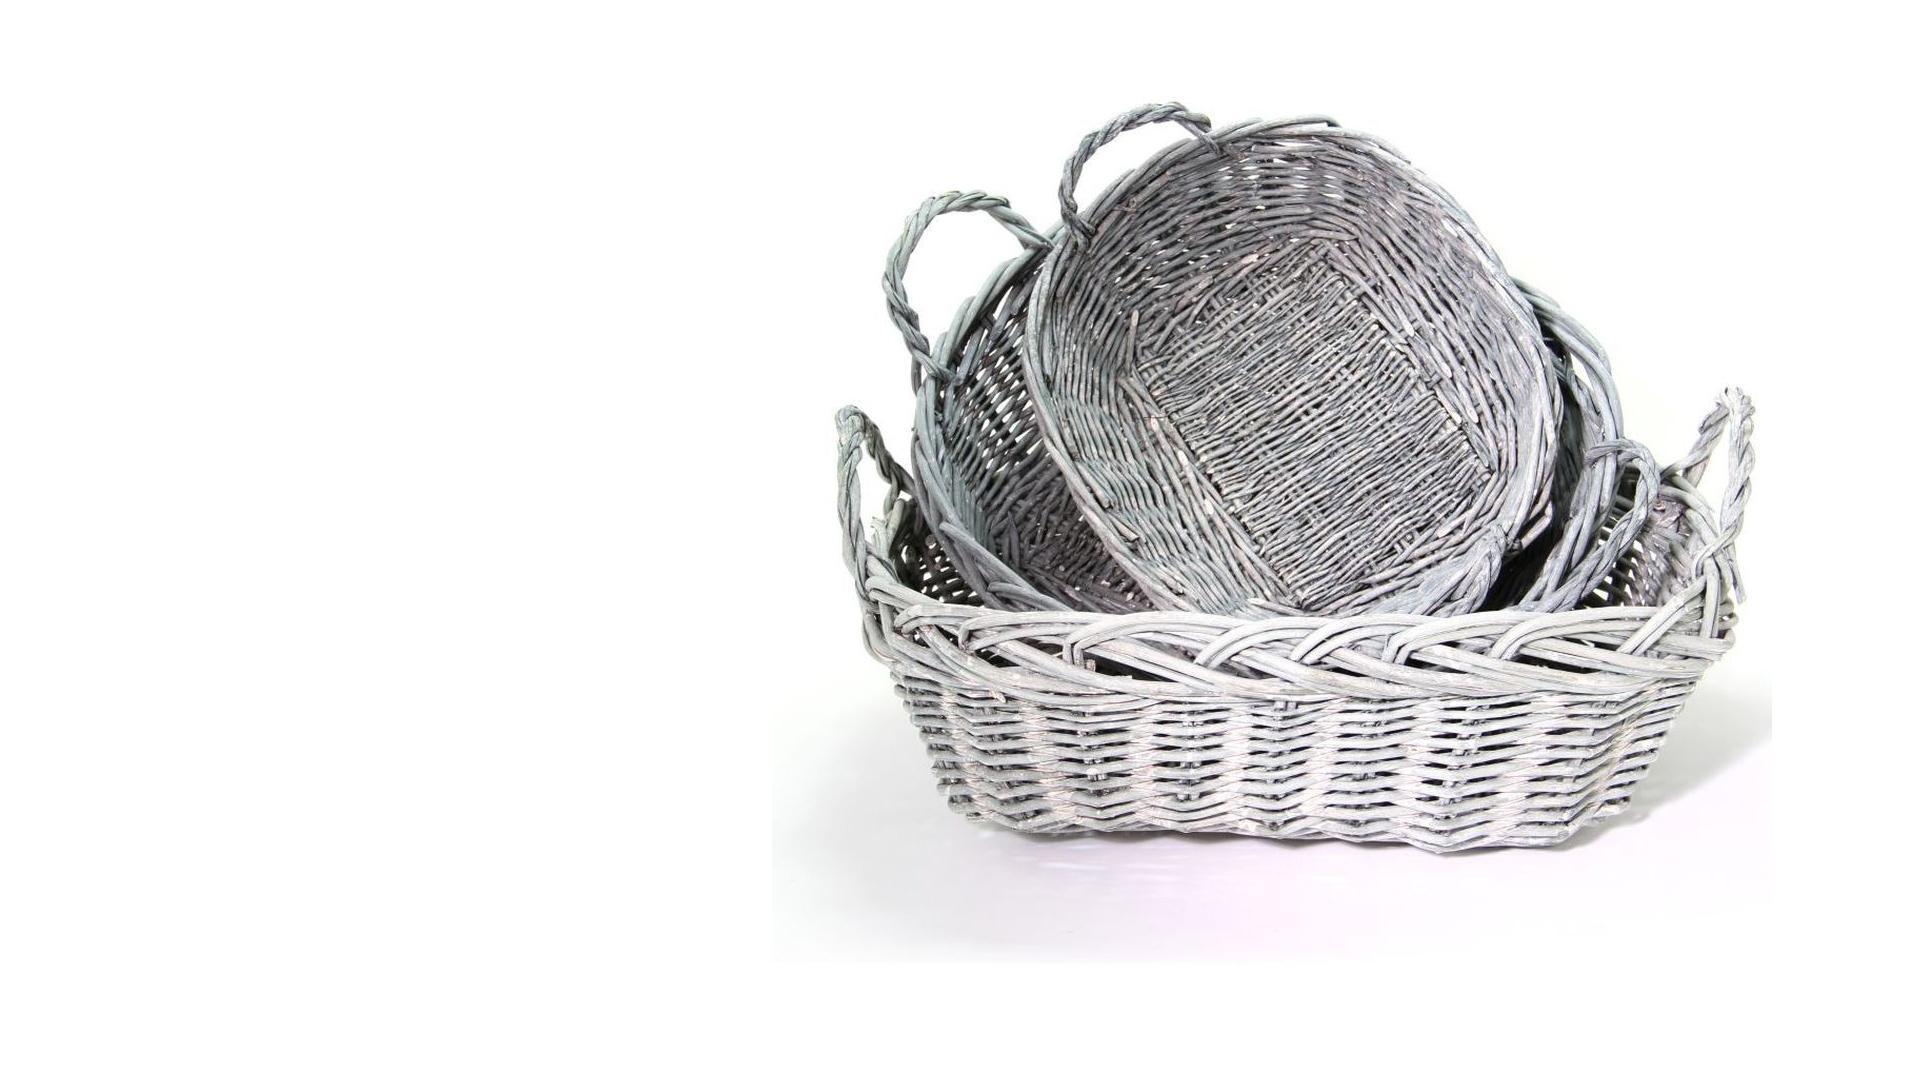 Grey Rectangular Baskets - Celebrity Big Brother Summer